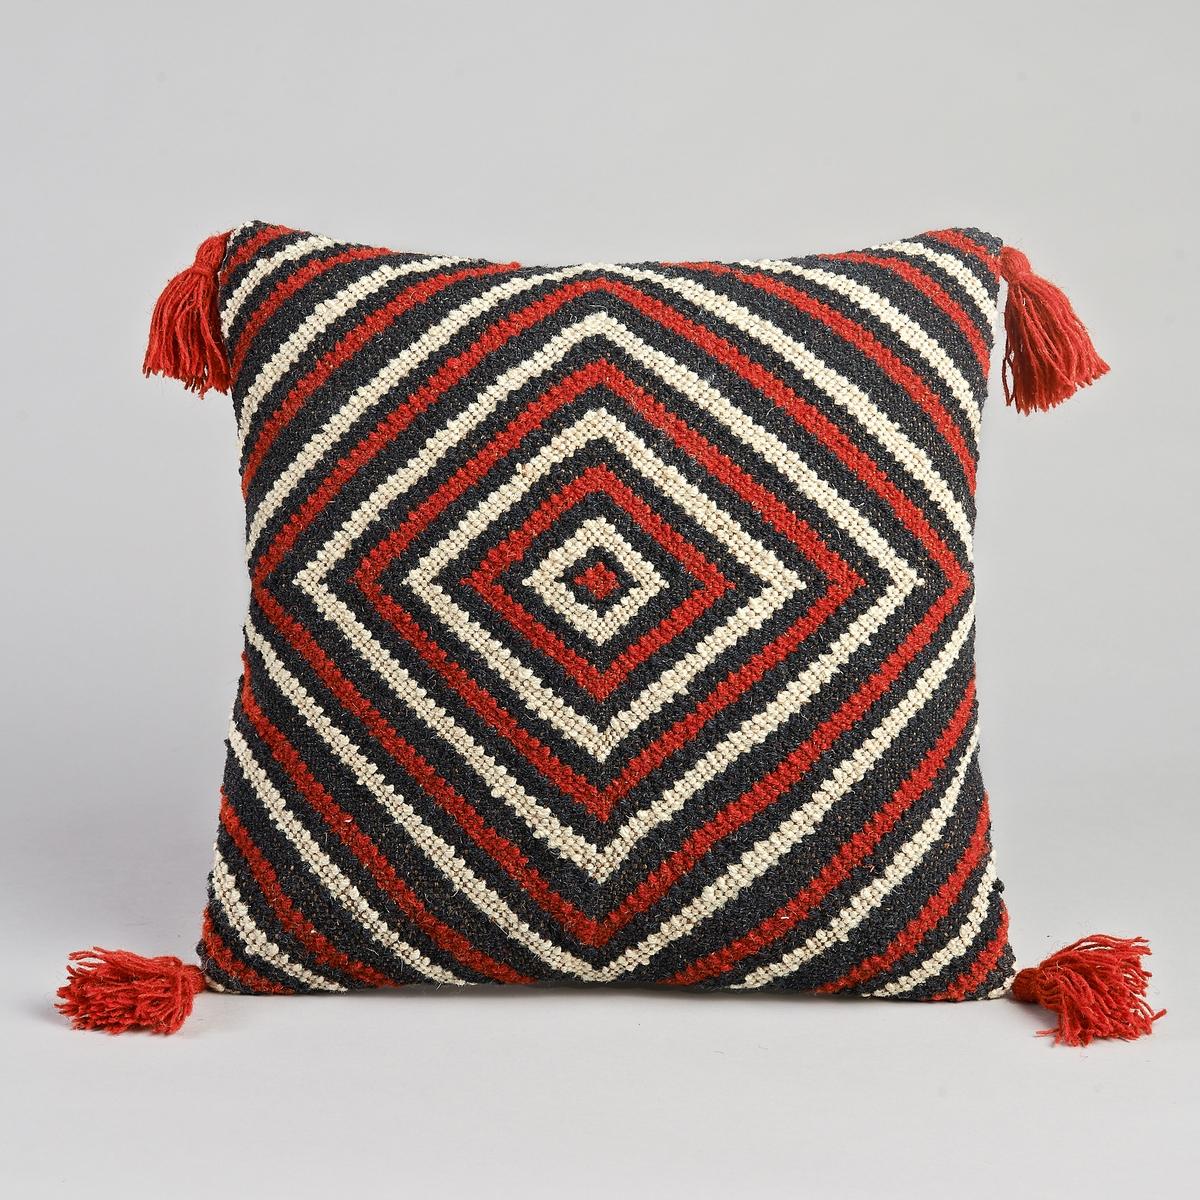 Чехол для подушки Kilim, HarcadЧехол для подушки Harcad. Рельефный материал с рисунком в виде красных, черных и белых лебедей. Отделка помпонами. Верх из 100% шерсти, спинка из канвы, 100% хлопок. Застёжка на скрытую молнию сзади. Размеры. : 45 x 45 см. Подушка продается отдельно.<br><br>Цвет: красный